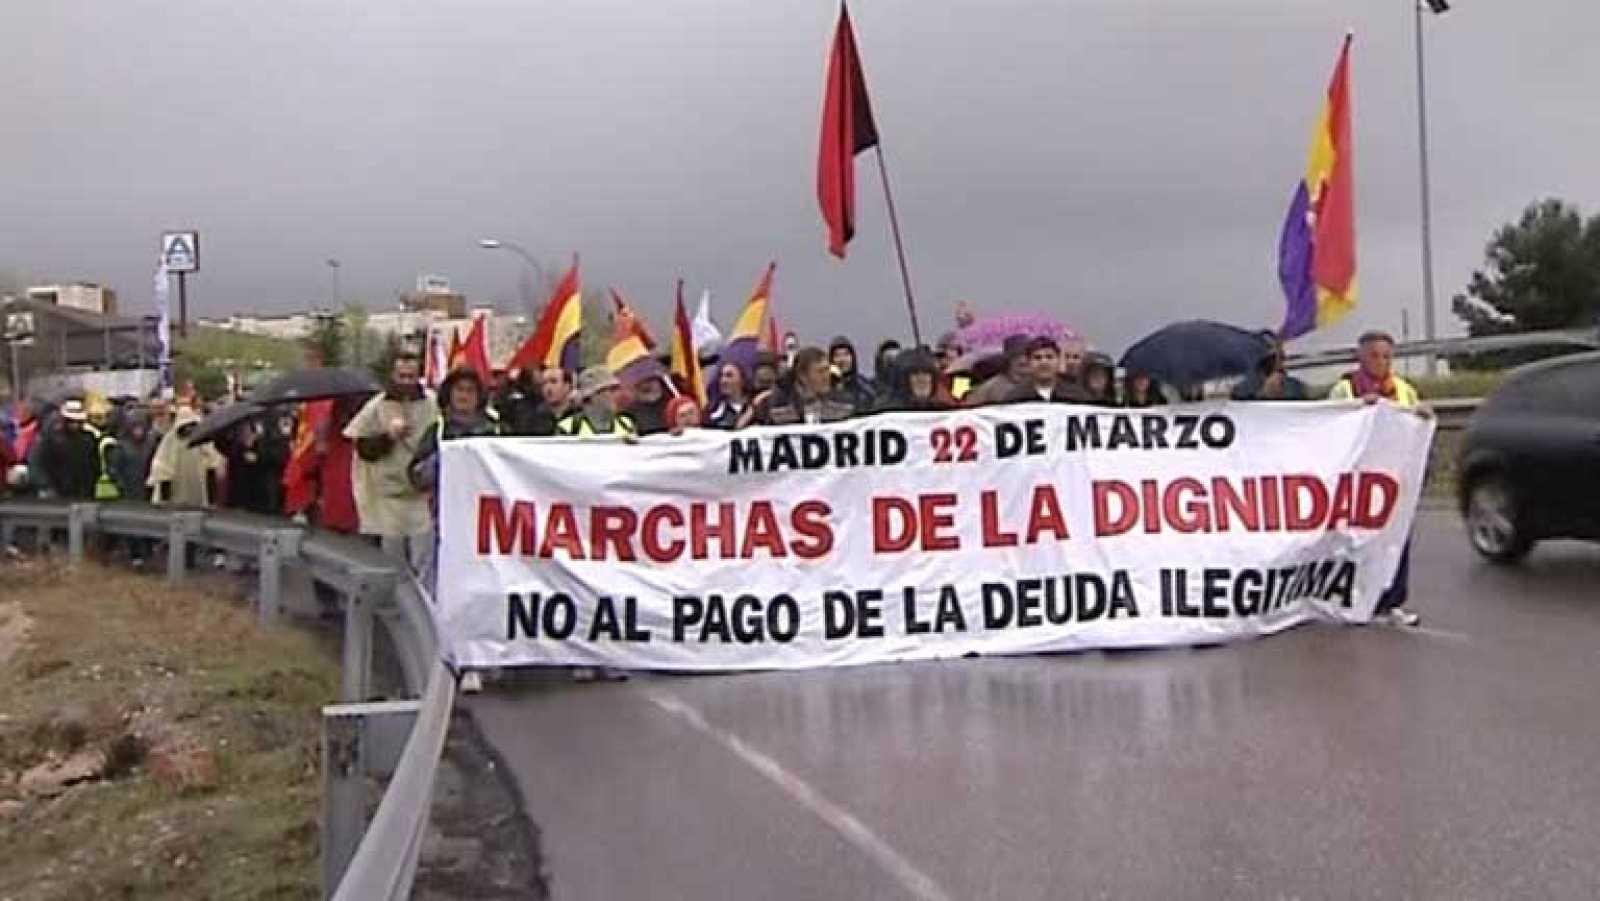 Las seis columnas de las Marchas de la Dignidad llegan a Madrid